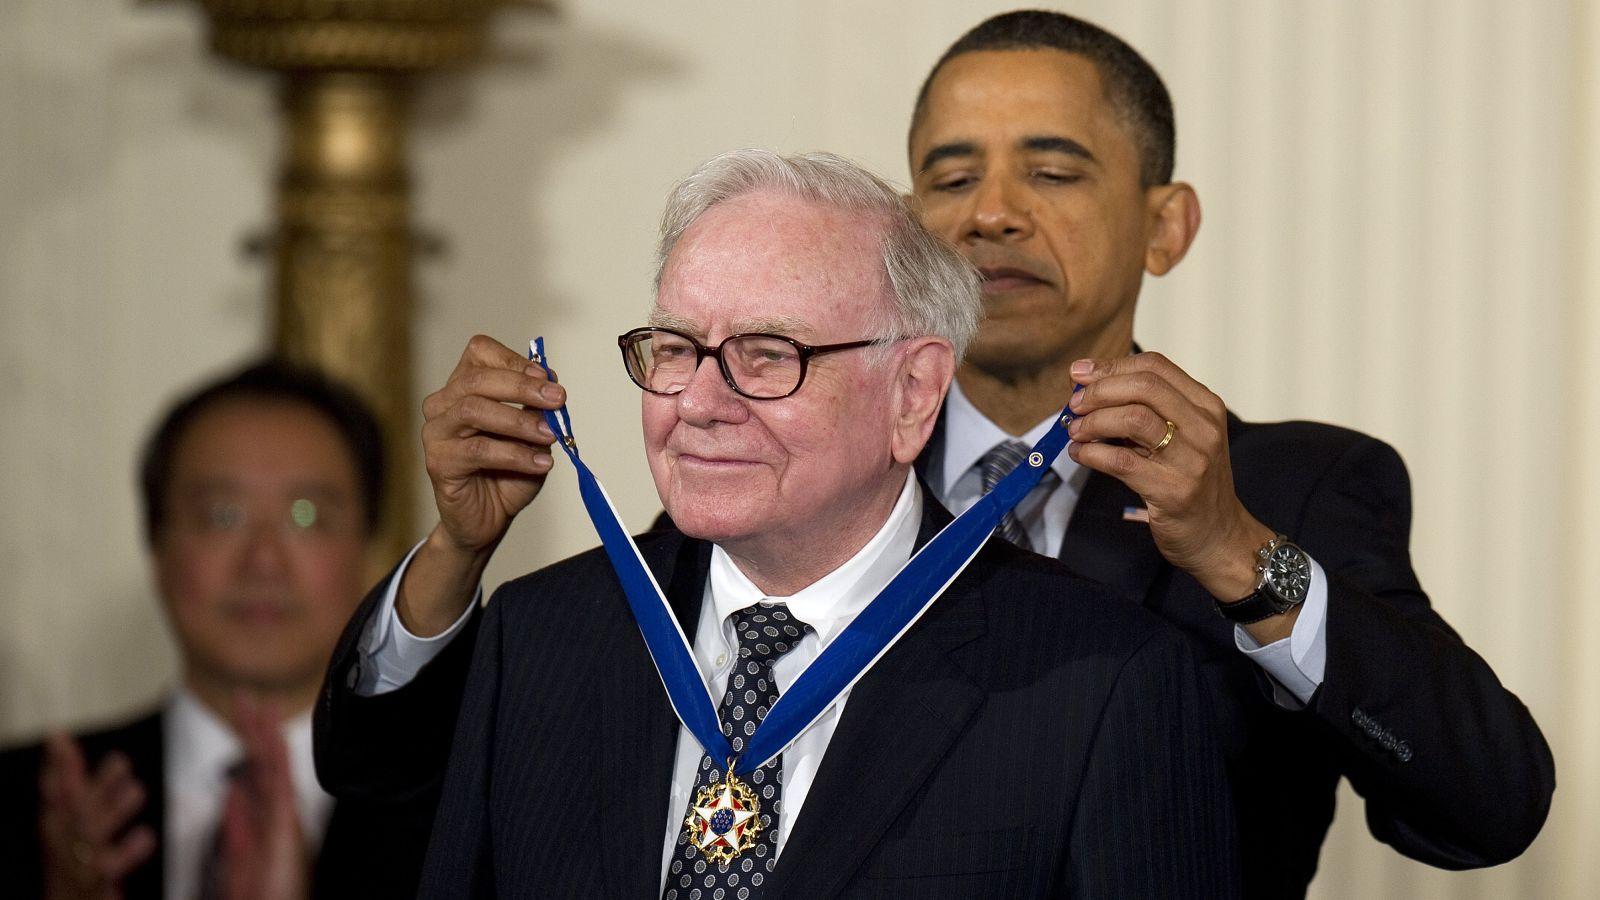 Cuộc đời và sự nghiệp của Warren Buffett qua những tấm ảnh - Ảnh 14.